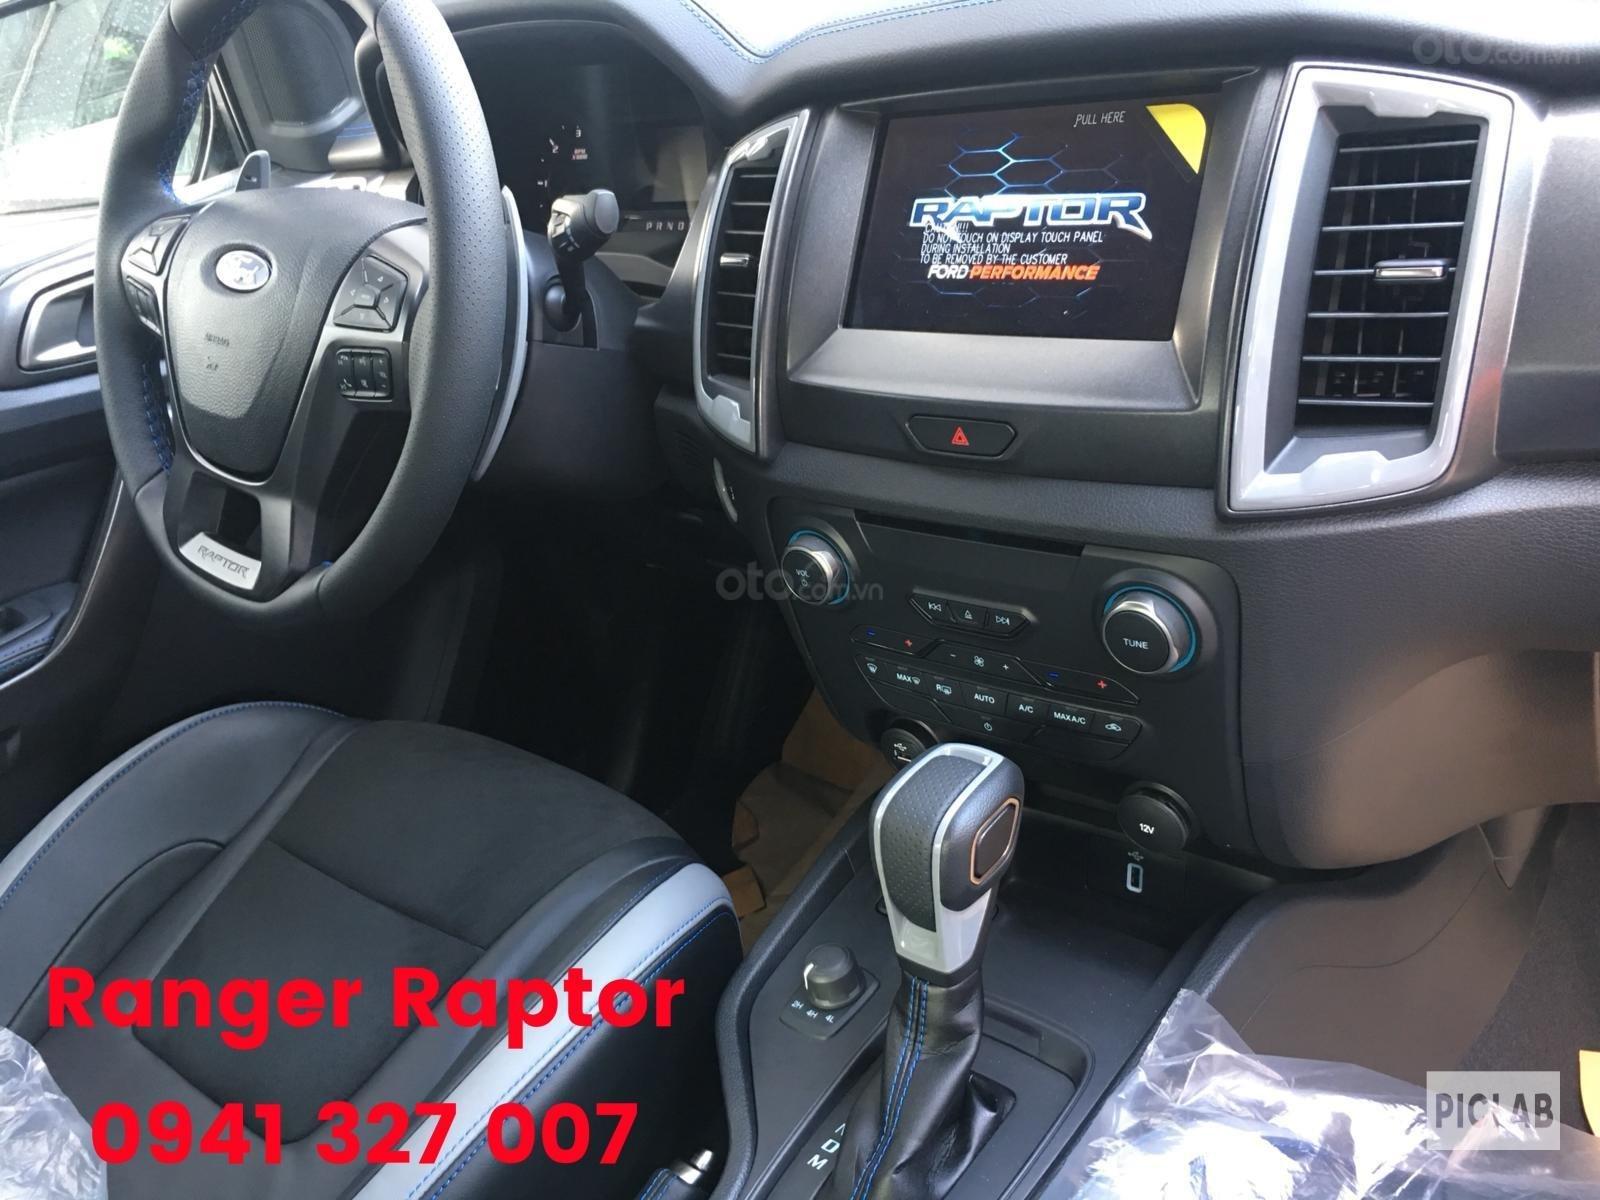 Bán Ford Ranger Raptor nhập khẩu nguyên chiếc Thailand, màu trắng, giao ngay có KM (8)